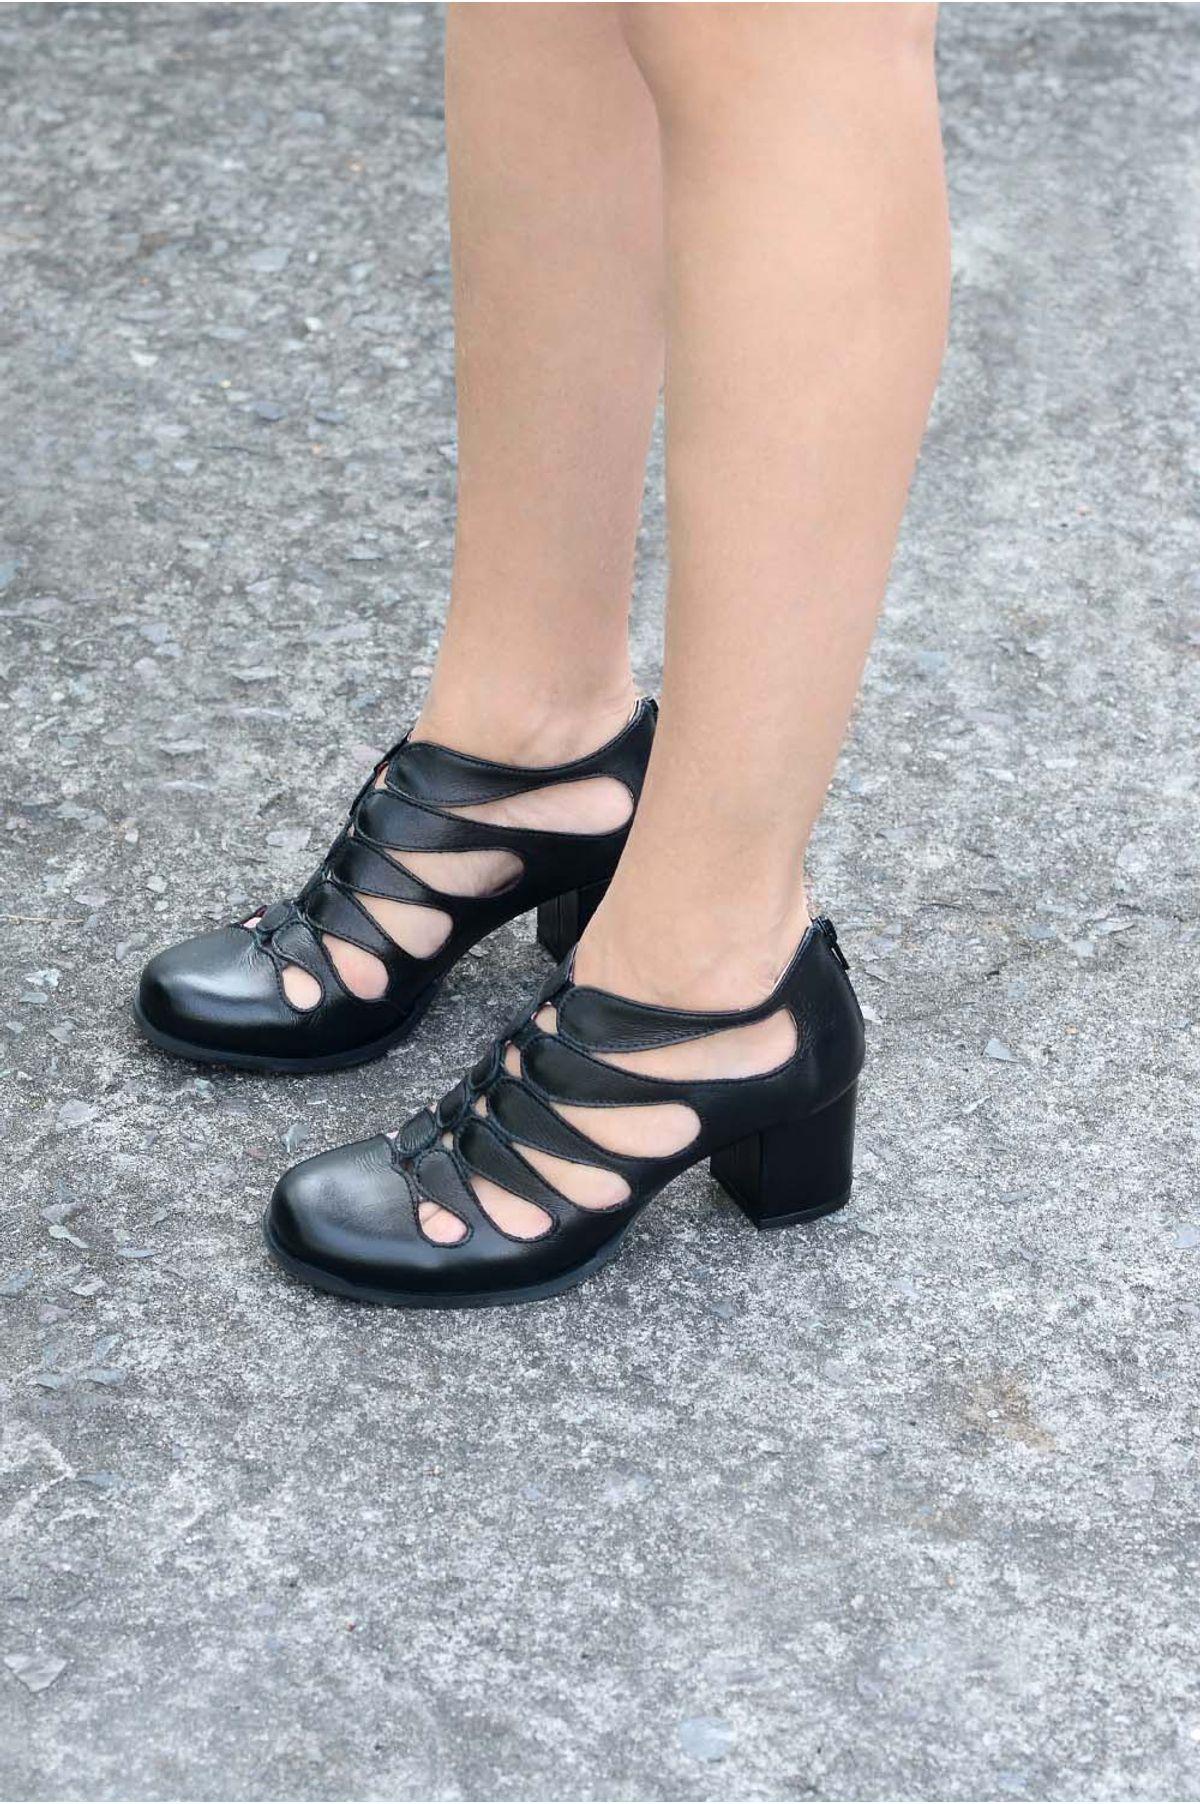 2870fe1f1 Sapato Feminino Salto Médio Noely Mundial CR-PRETO - Mundial Calçados